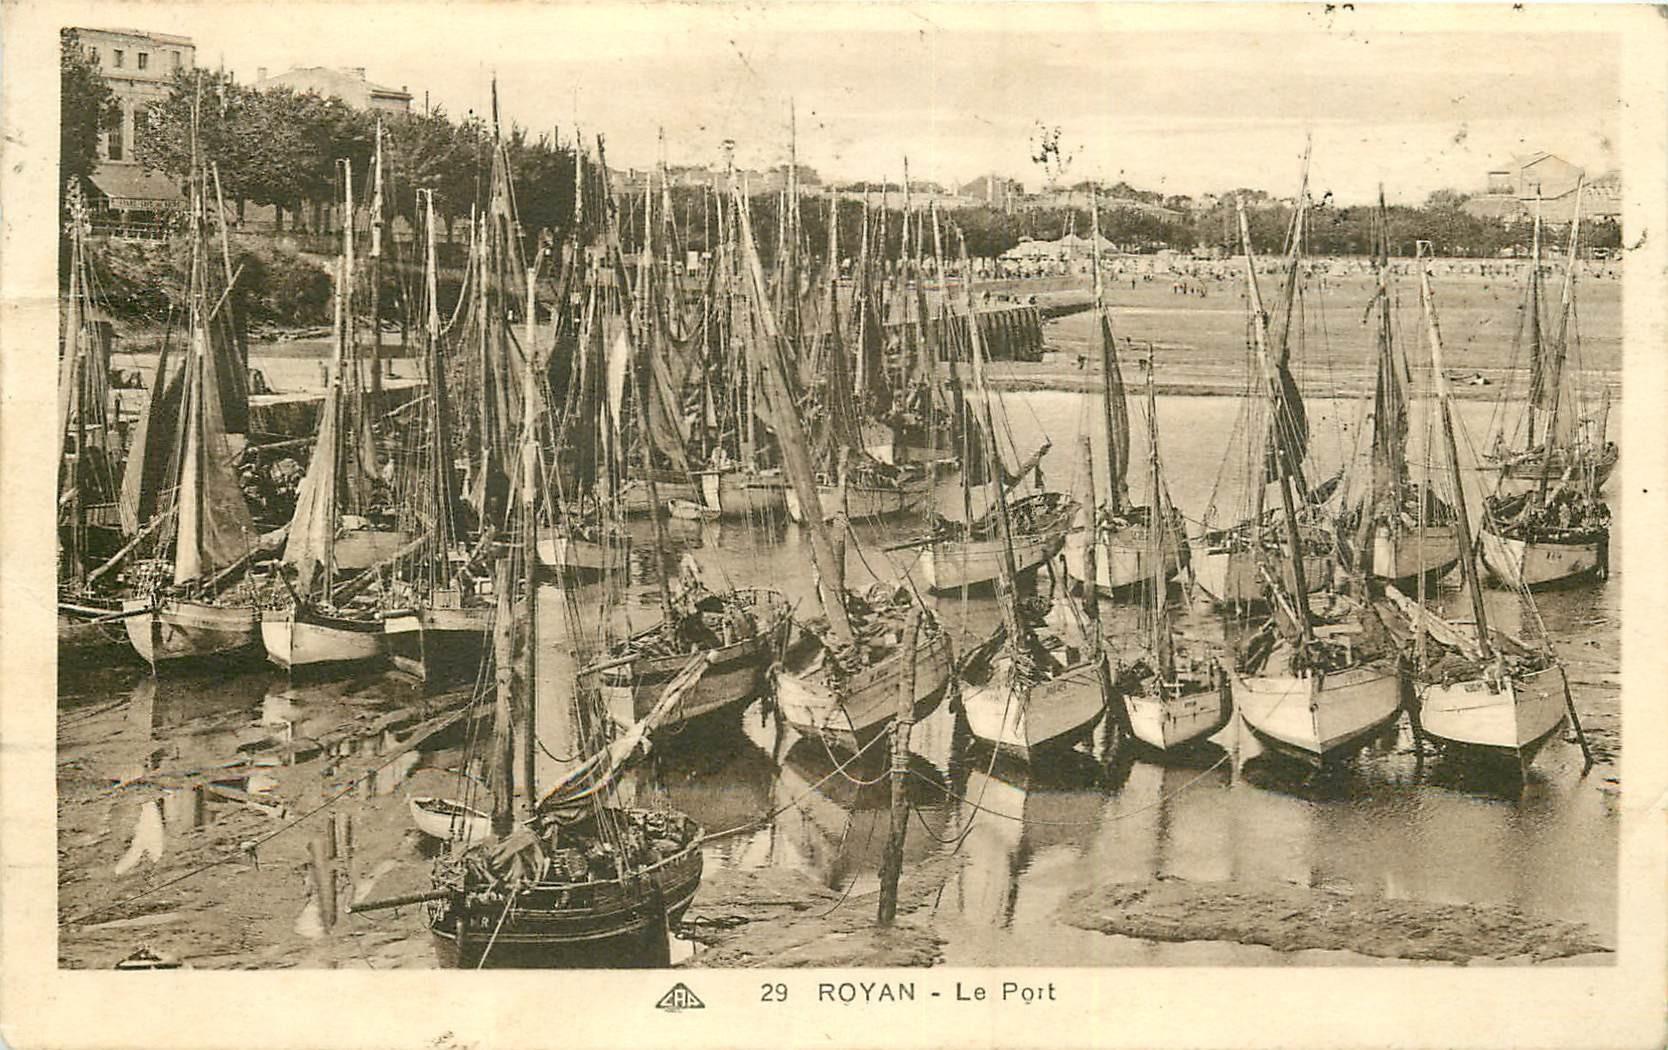 WW 17 ROYAN. Barques de Pêcheurs dans le Port 1933